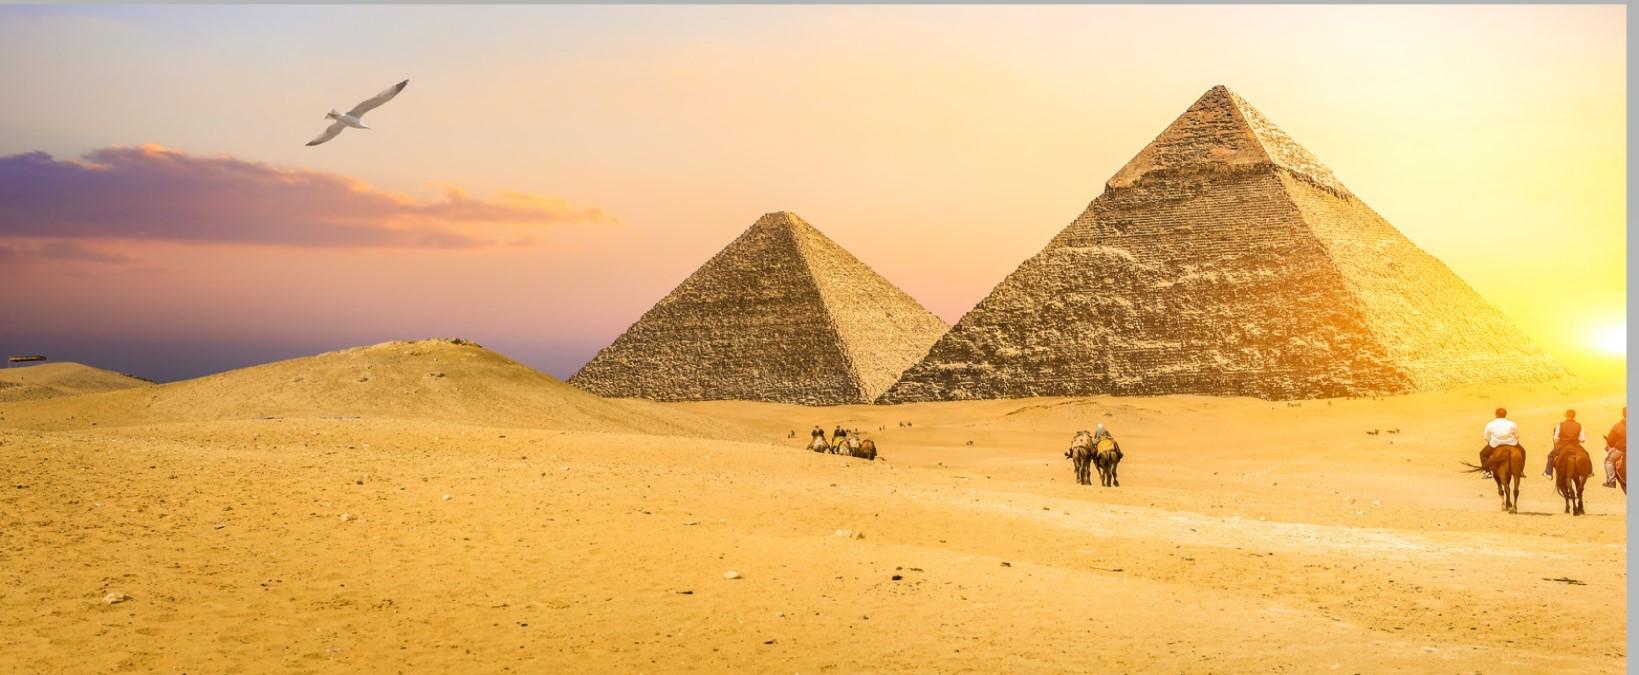 die drei pyramiden auf dem plateau von gizeh, Tagesausflug nach Kairo mit dem Flugzeug ab Marsa Alam